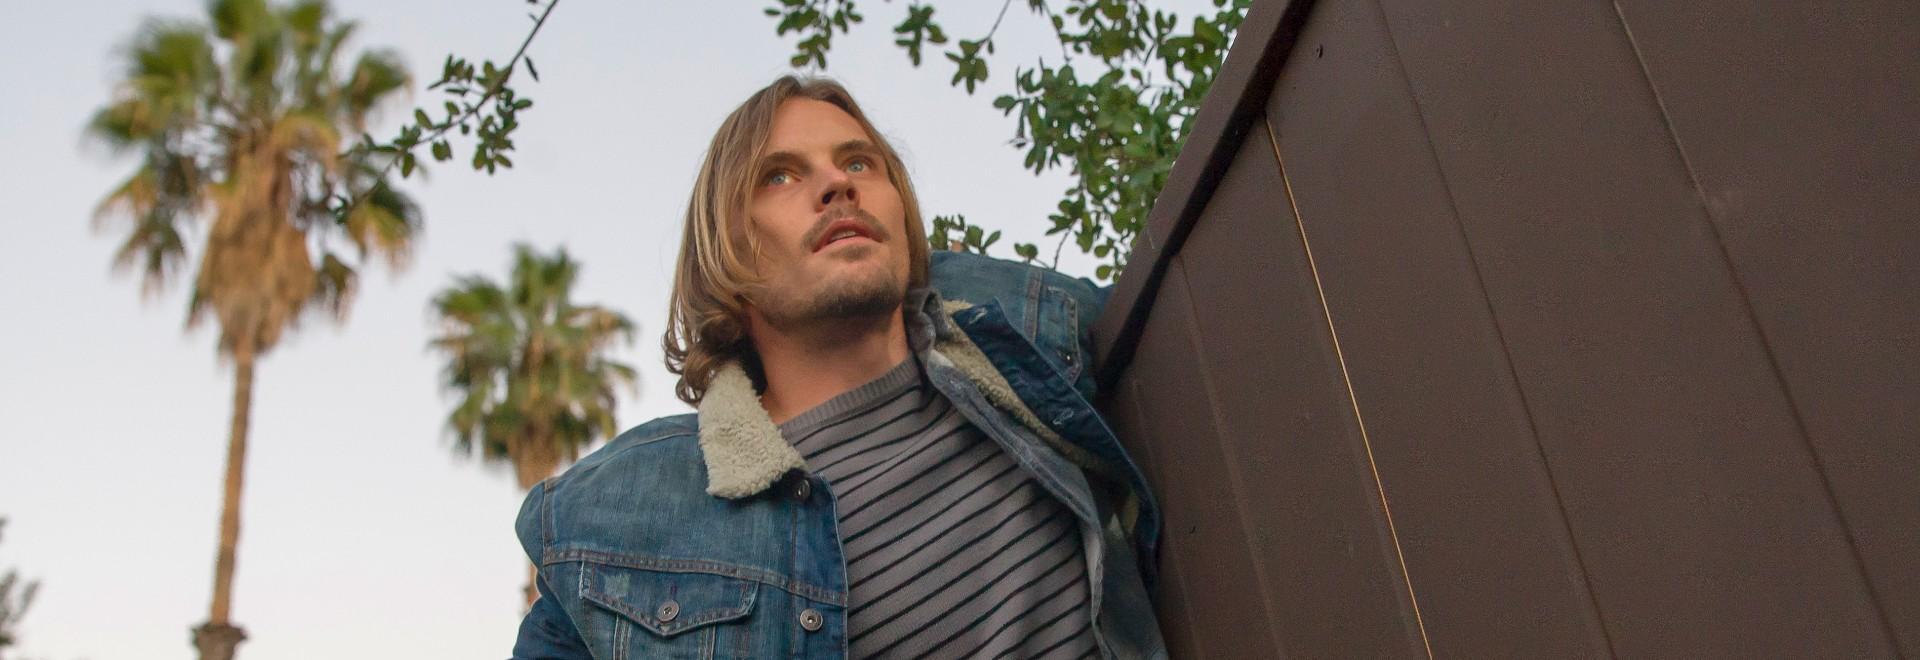 Chi ha ucciso Kurt Cobain?